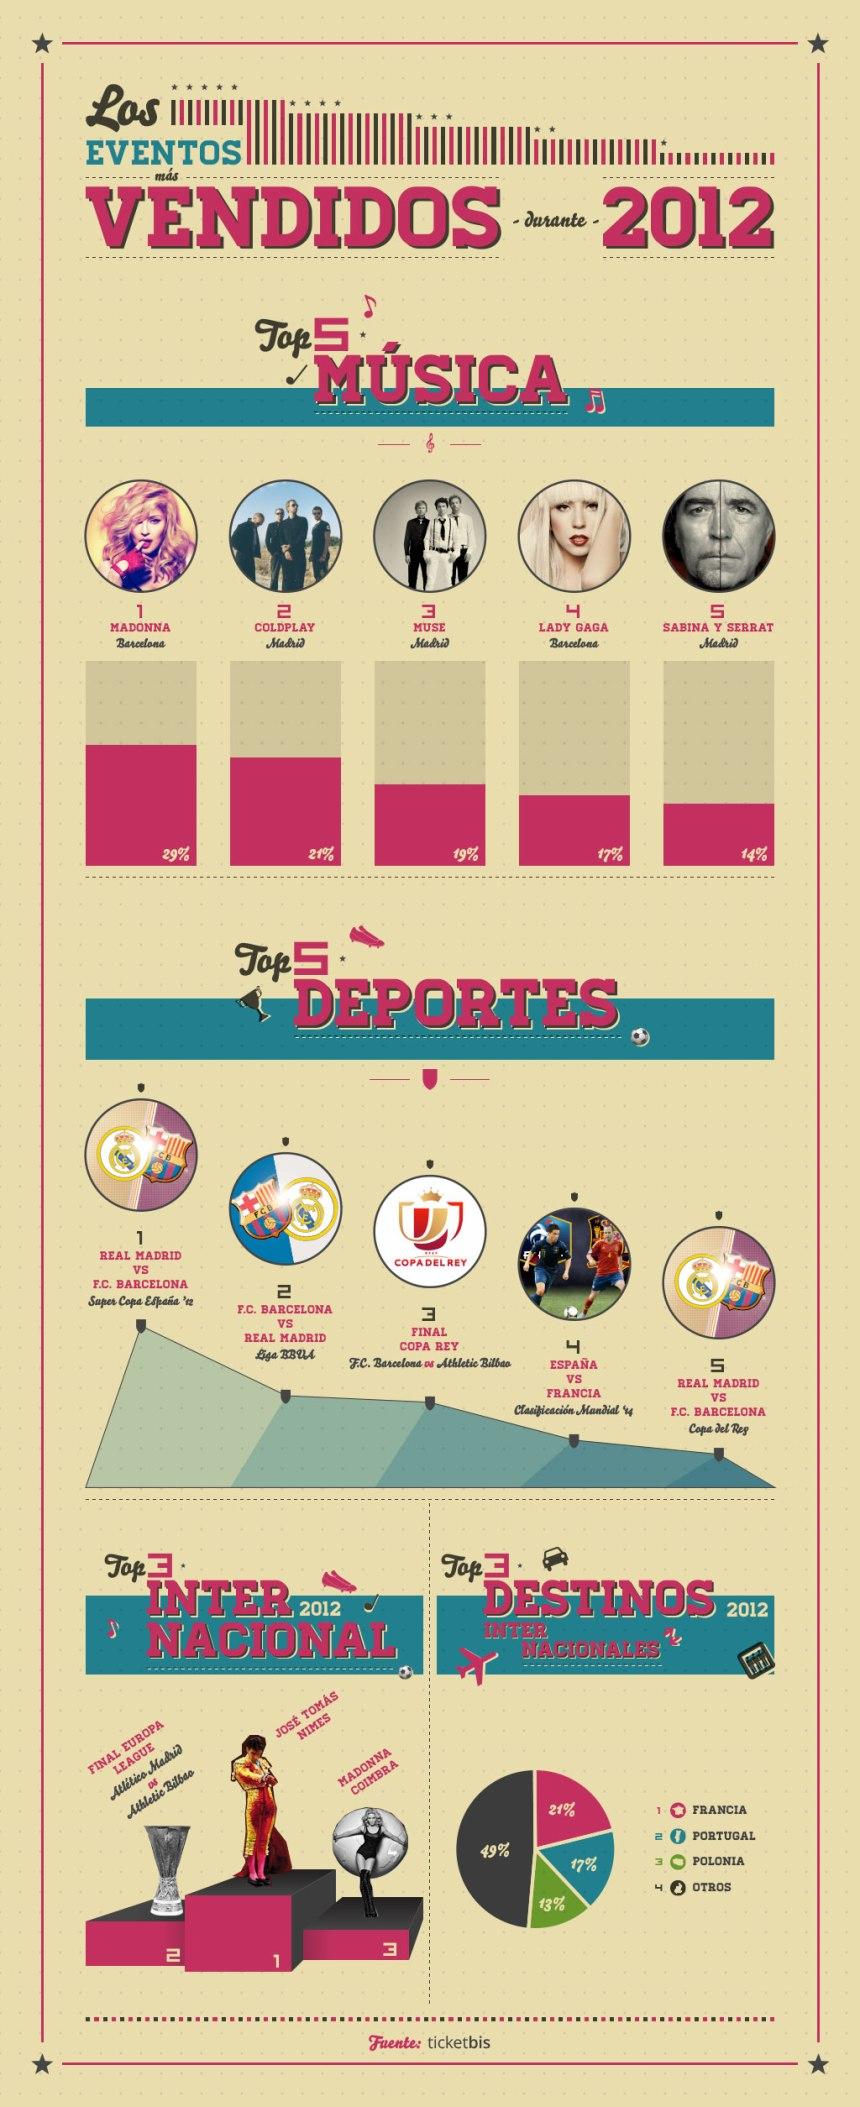 Los eventos más vendidos de 2012